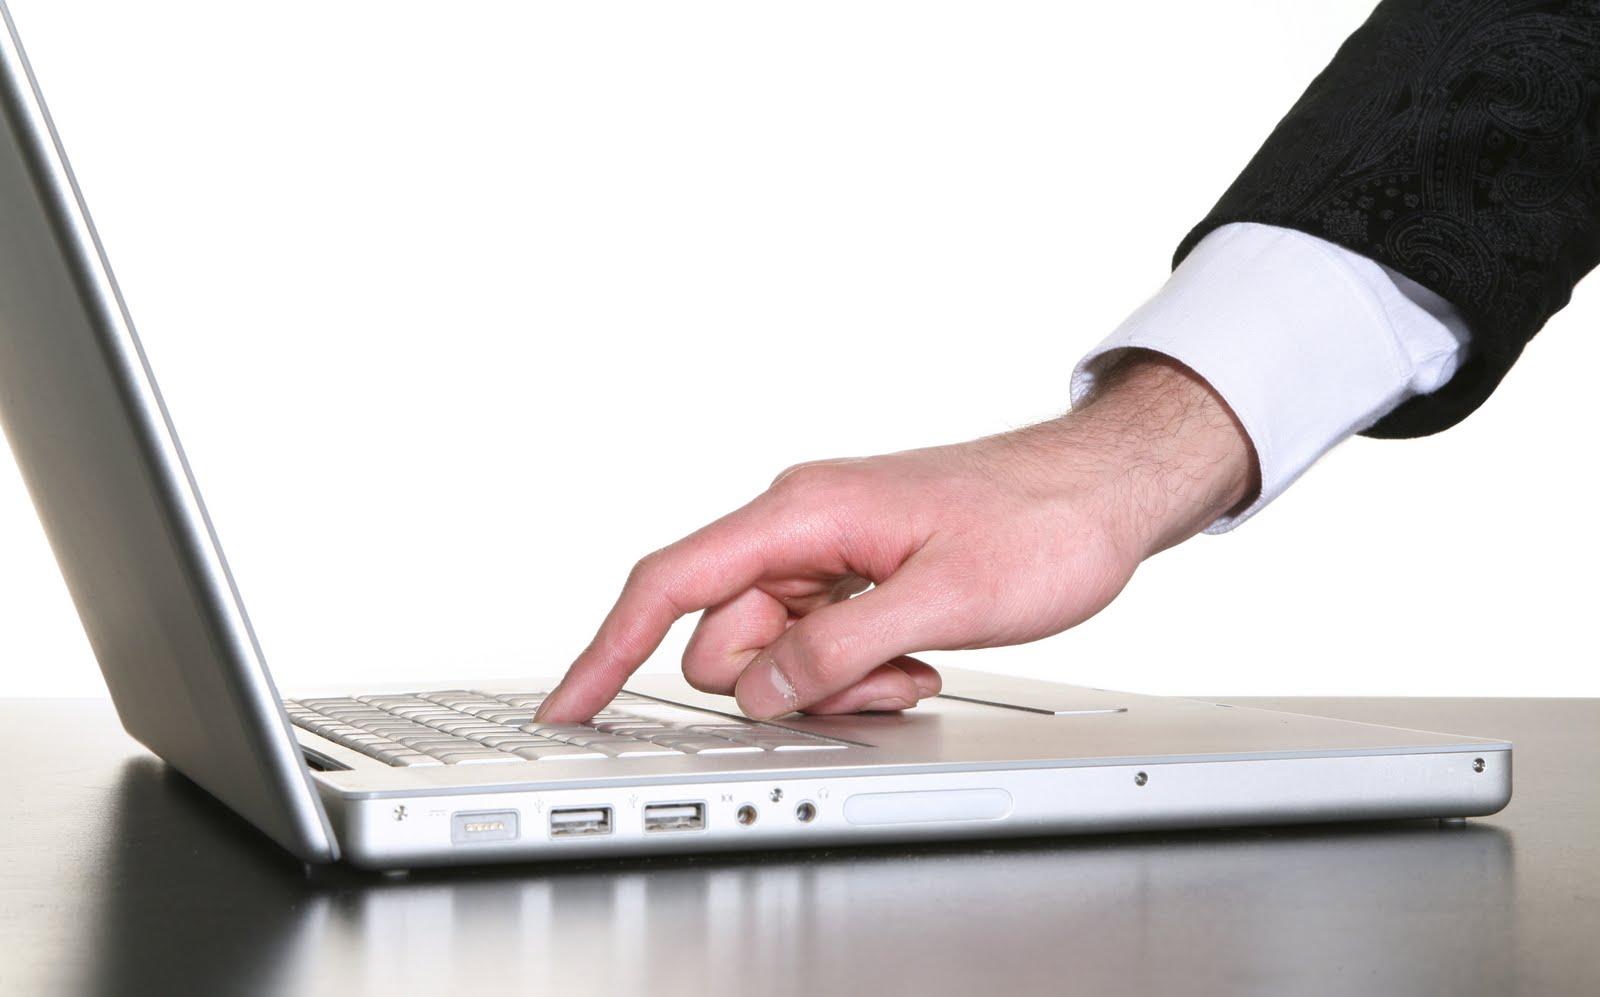 Un 21% de las pymes y autónomos españoles cuentan con negocio online exclusivamente